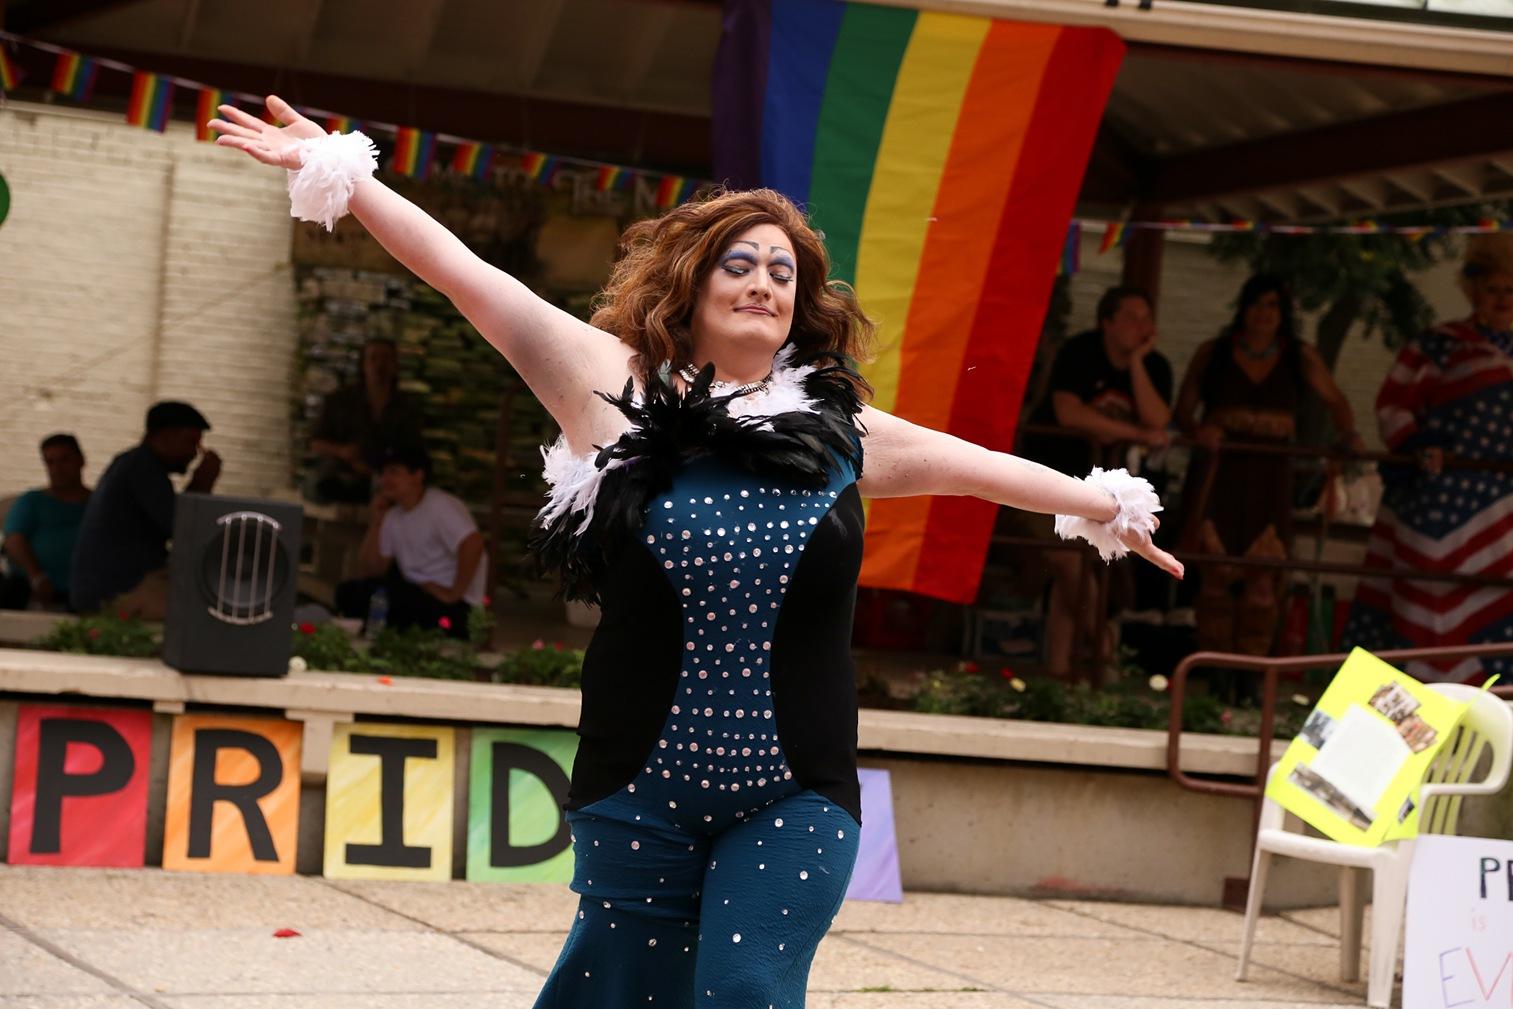 Pride2018_183_family peek.jpg